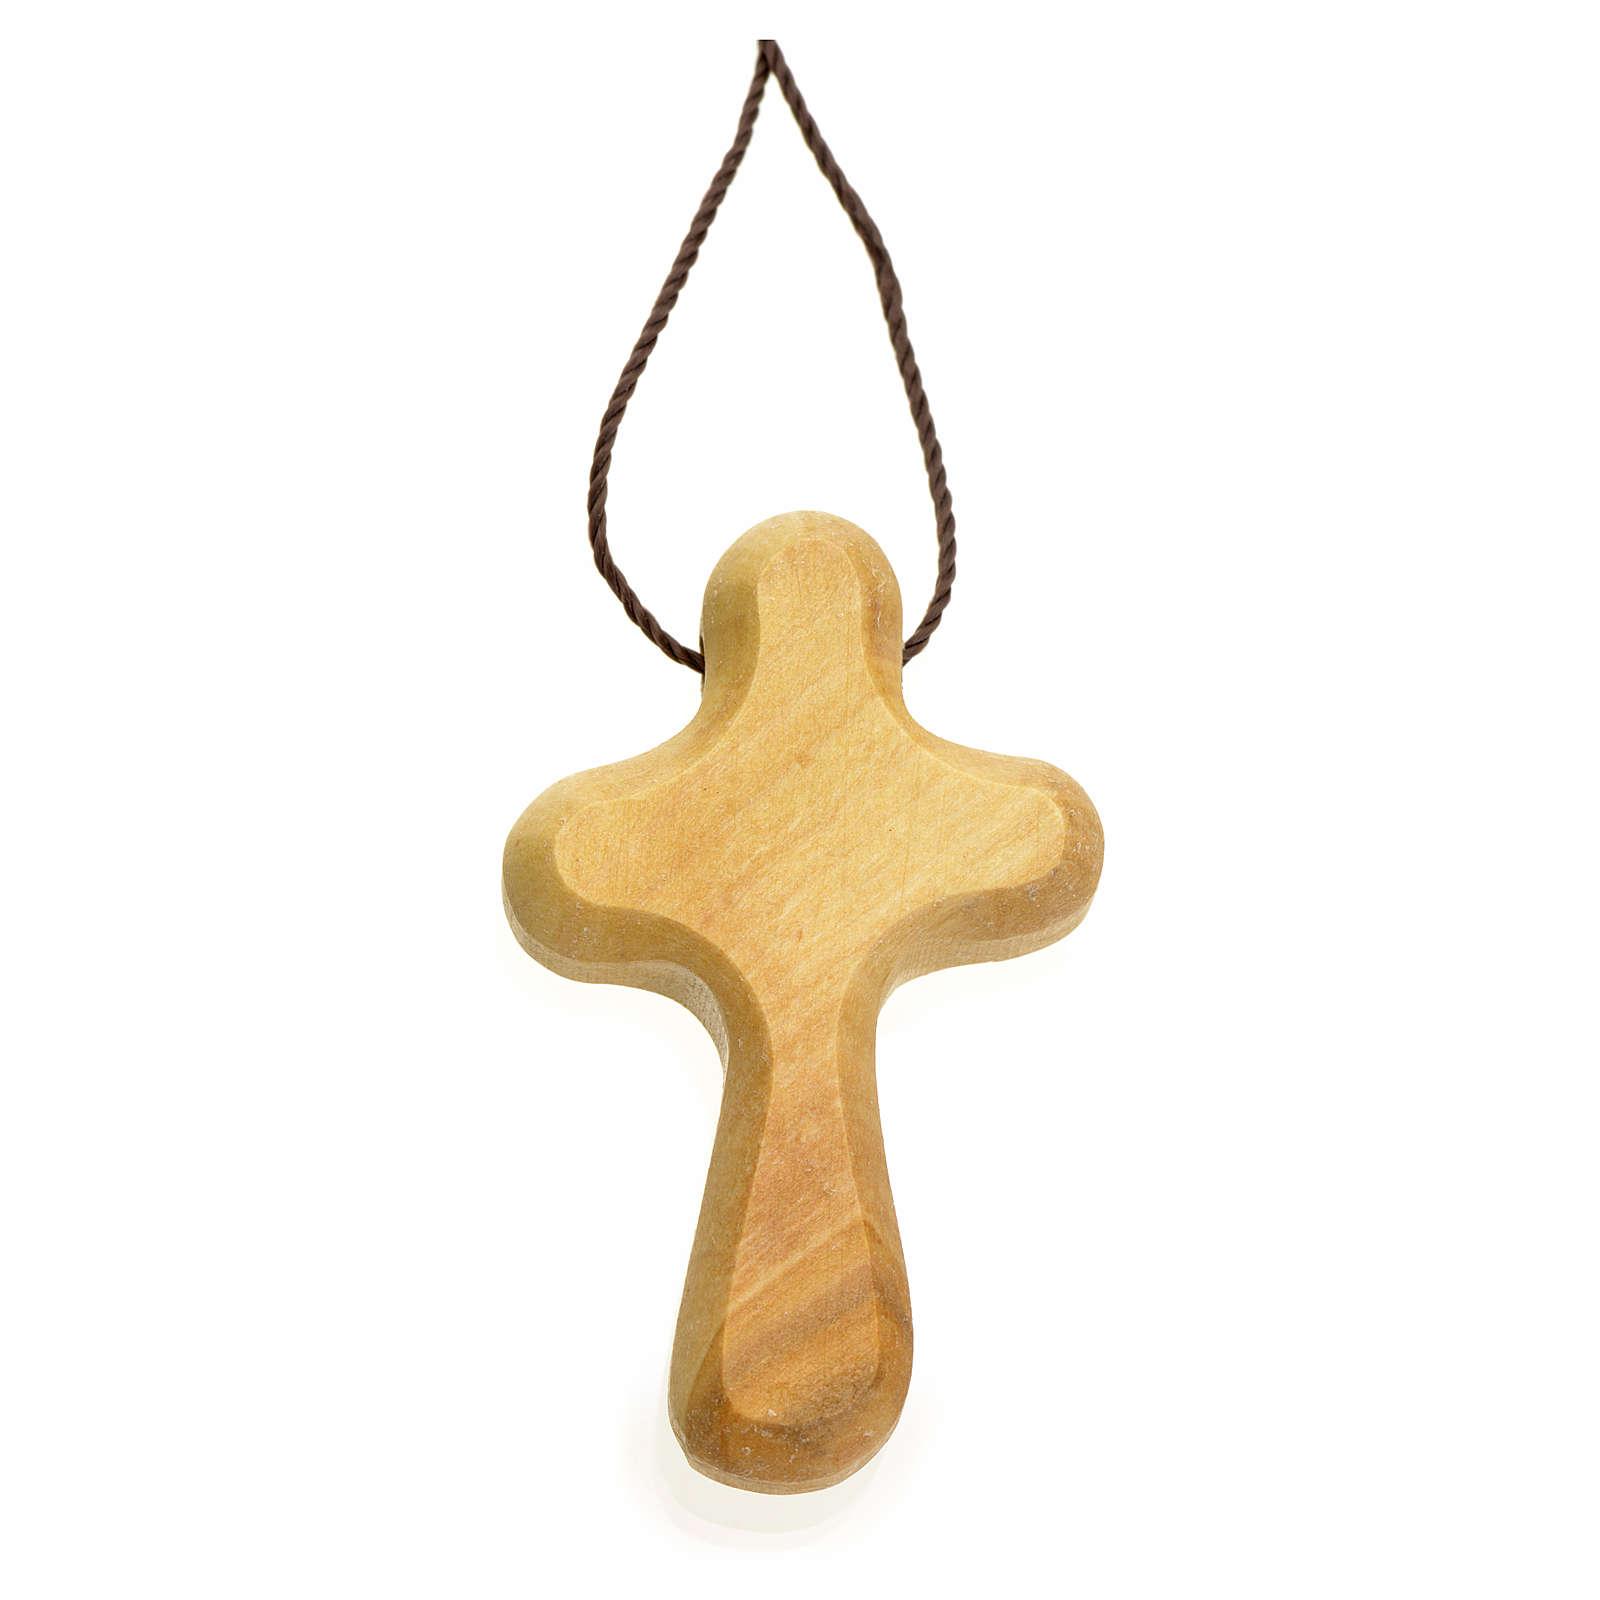 Cruz de la vida pendiente olivo Tierra Santa 4